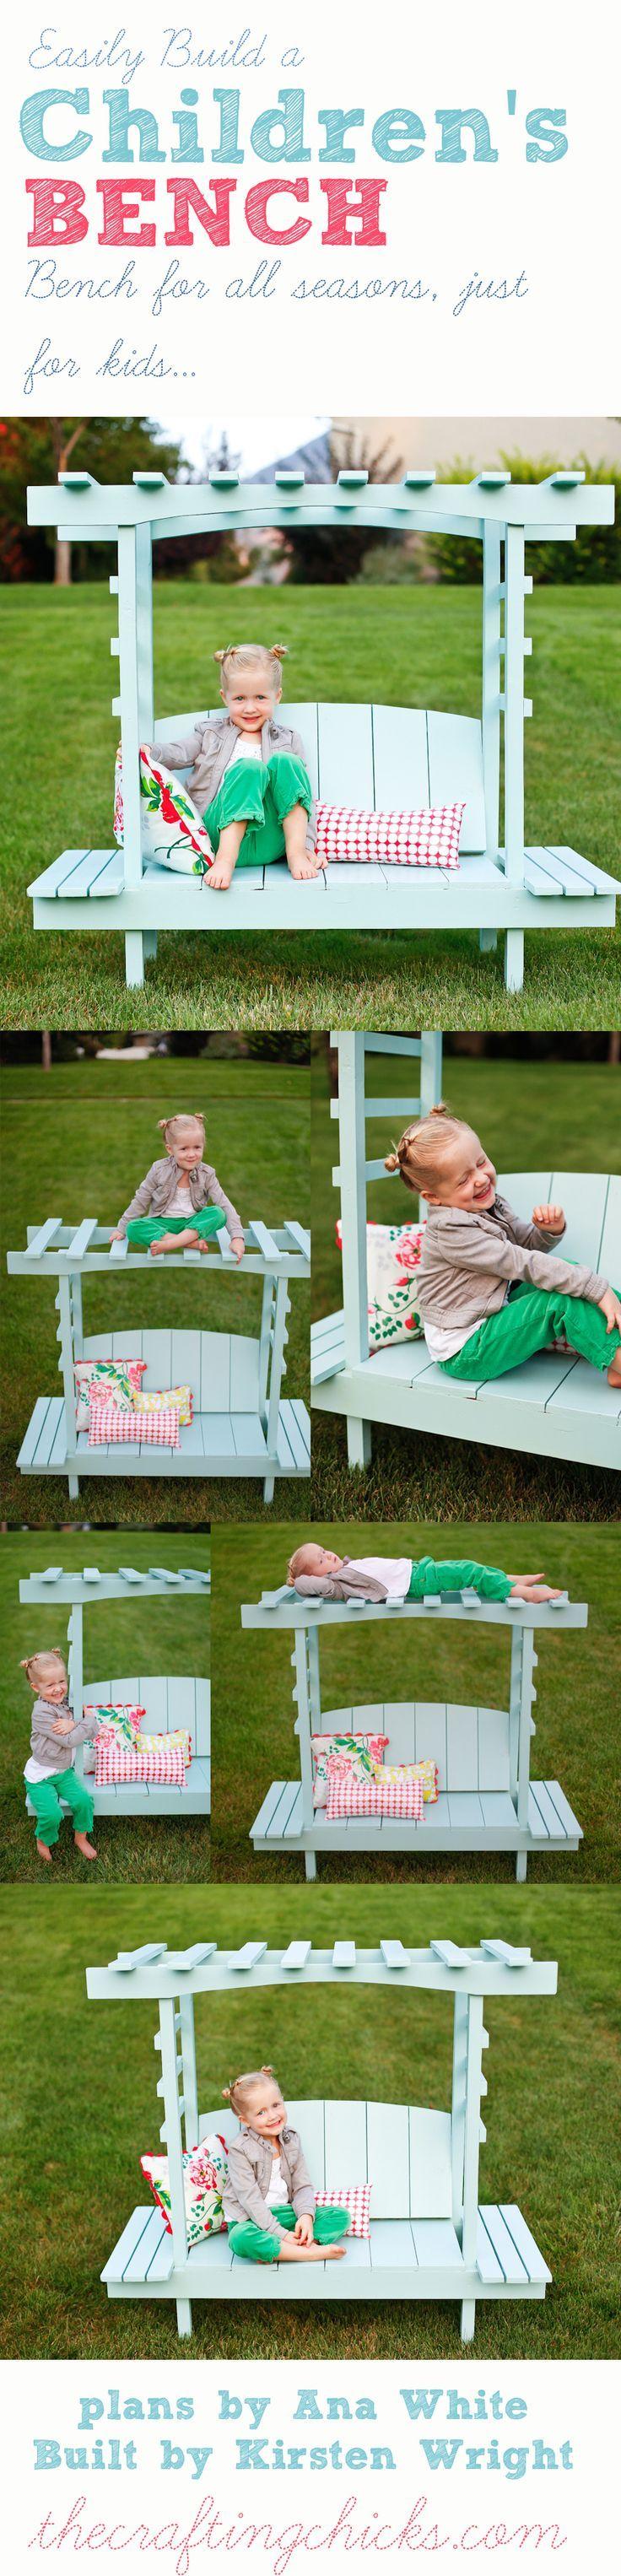 Children's bench. Ganz einfach eine tolle Sitzgelegenheit für die Kinder nachbauen. #Kinder#Bank#DIY